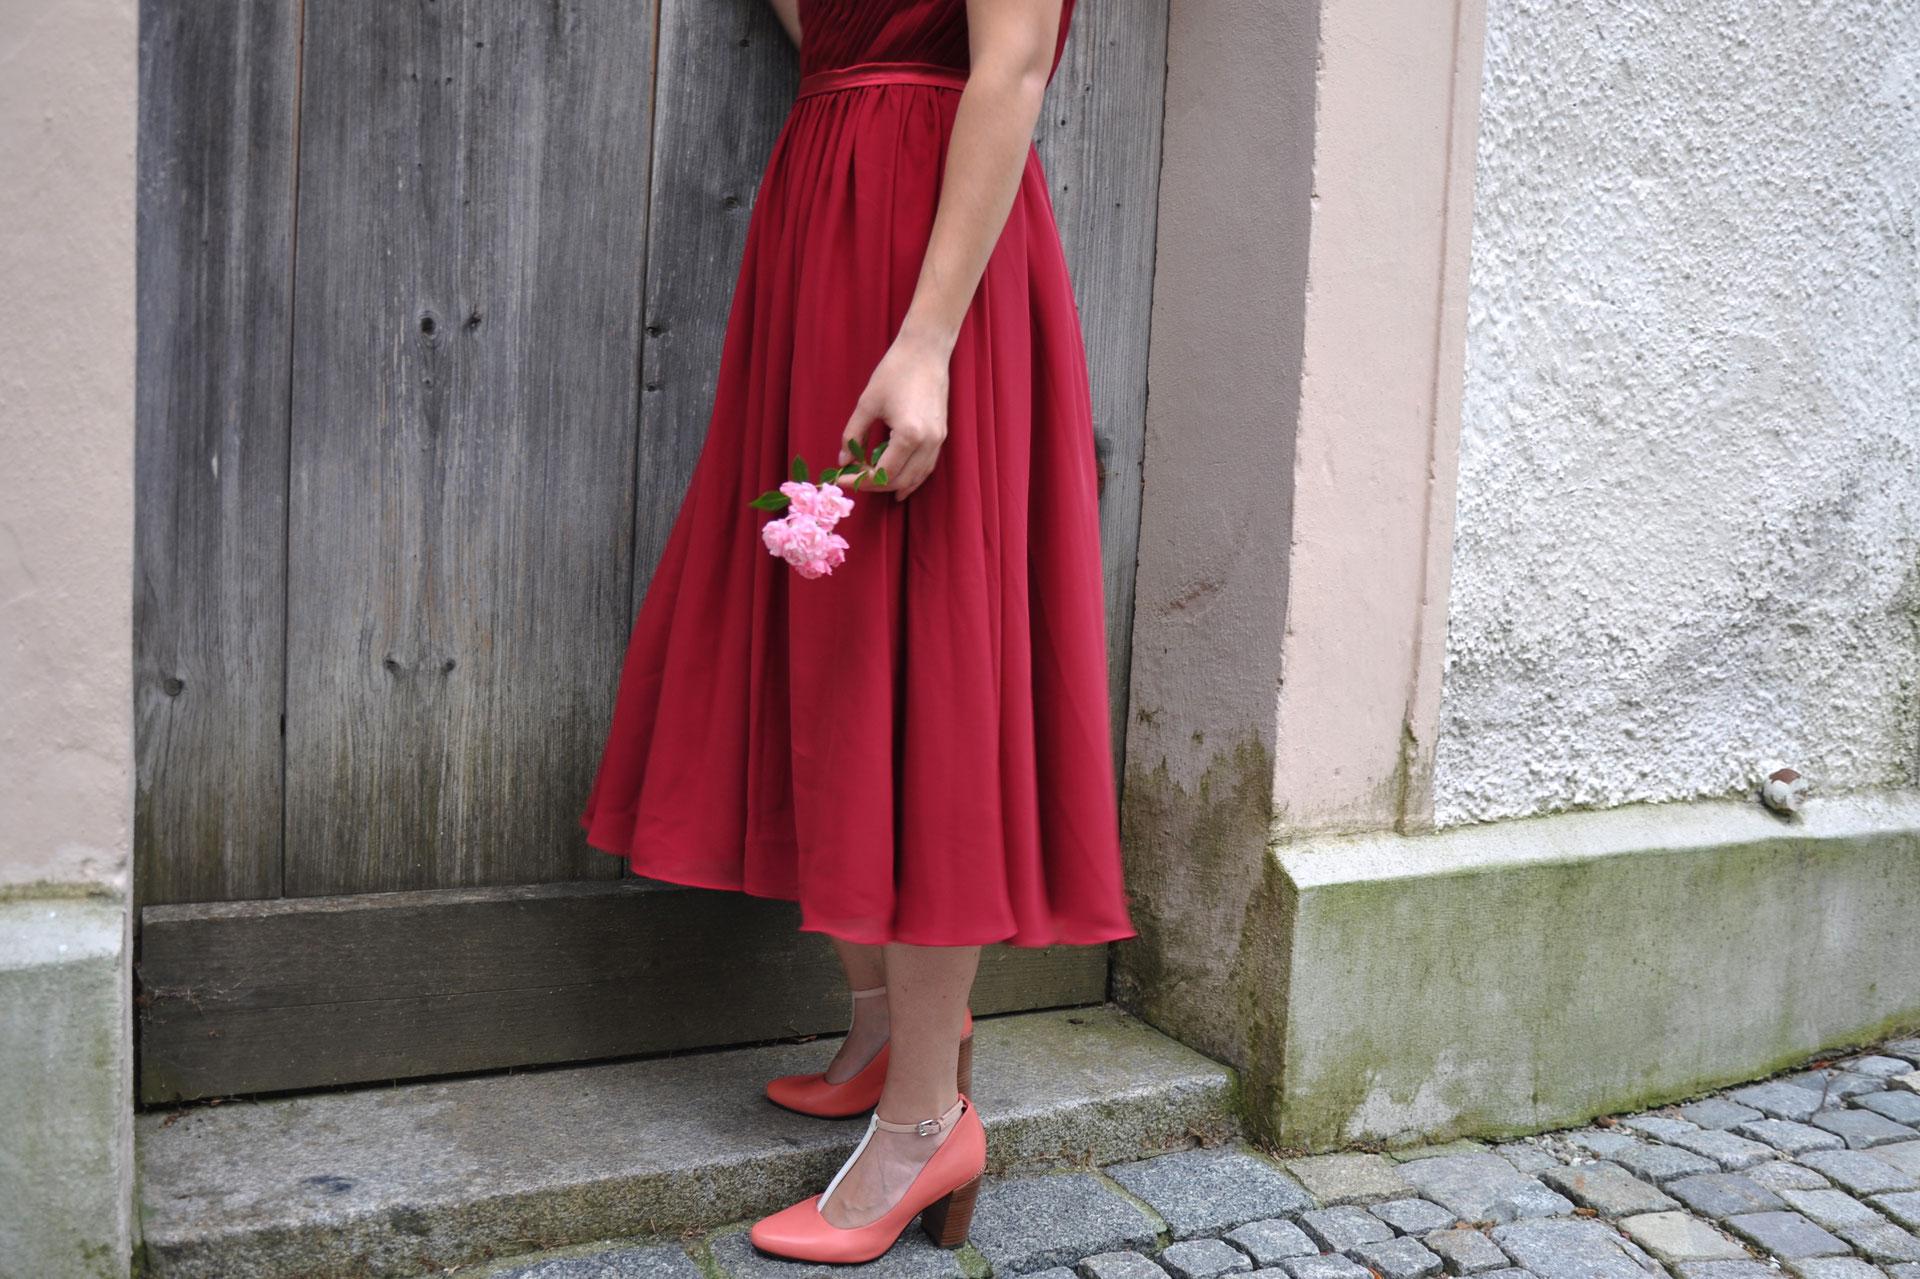 Herbsthochzeit - Gastoutfit - DIY-Fashion, Modeblog und Nähblog